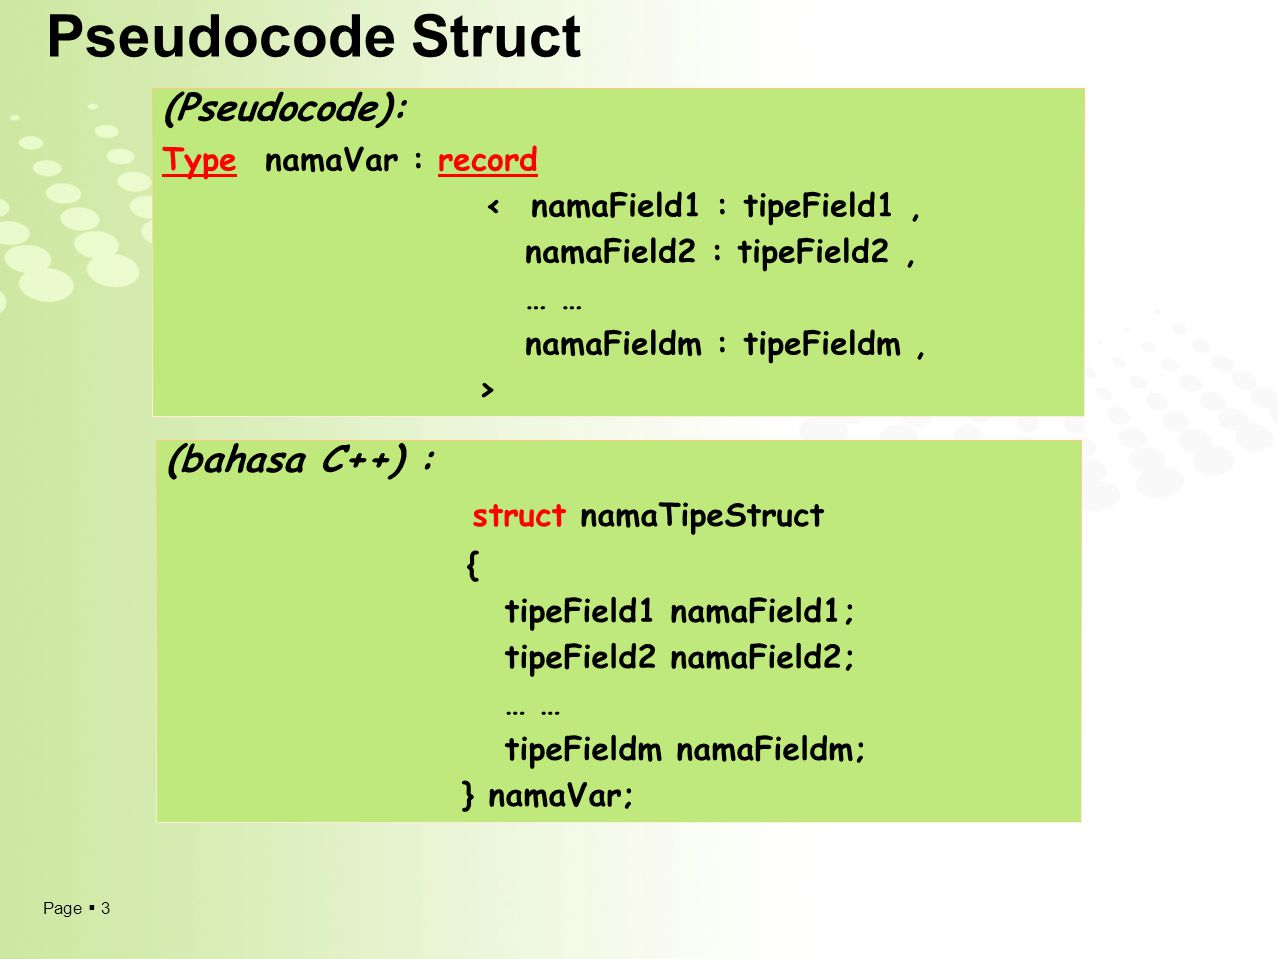 Pseudocode Struct (Pseudocode): (bahasa C++) : struct namaTipeStruct